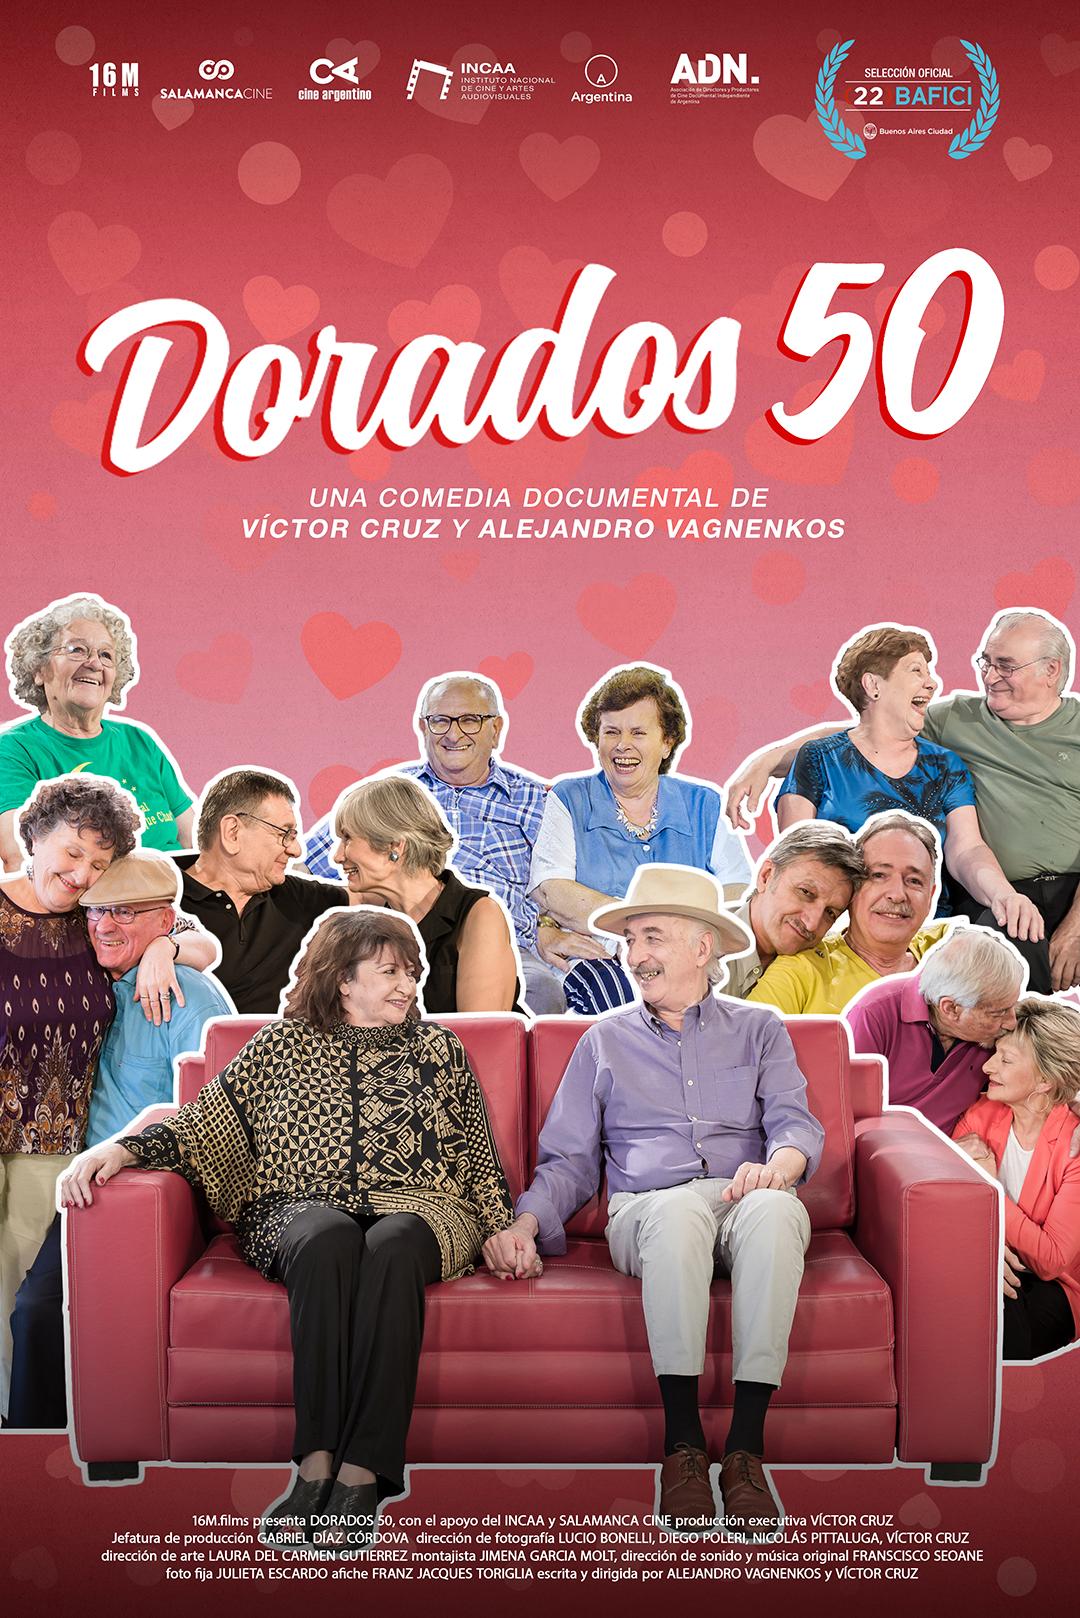 Dorados 50